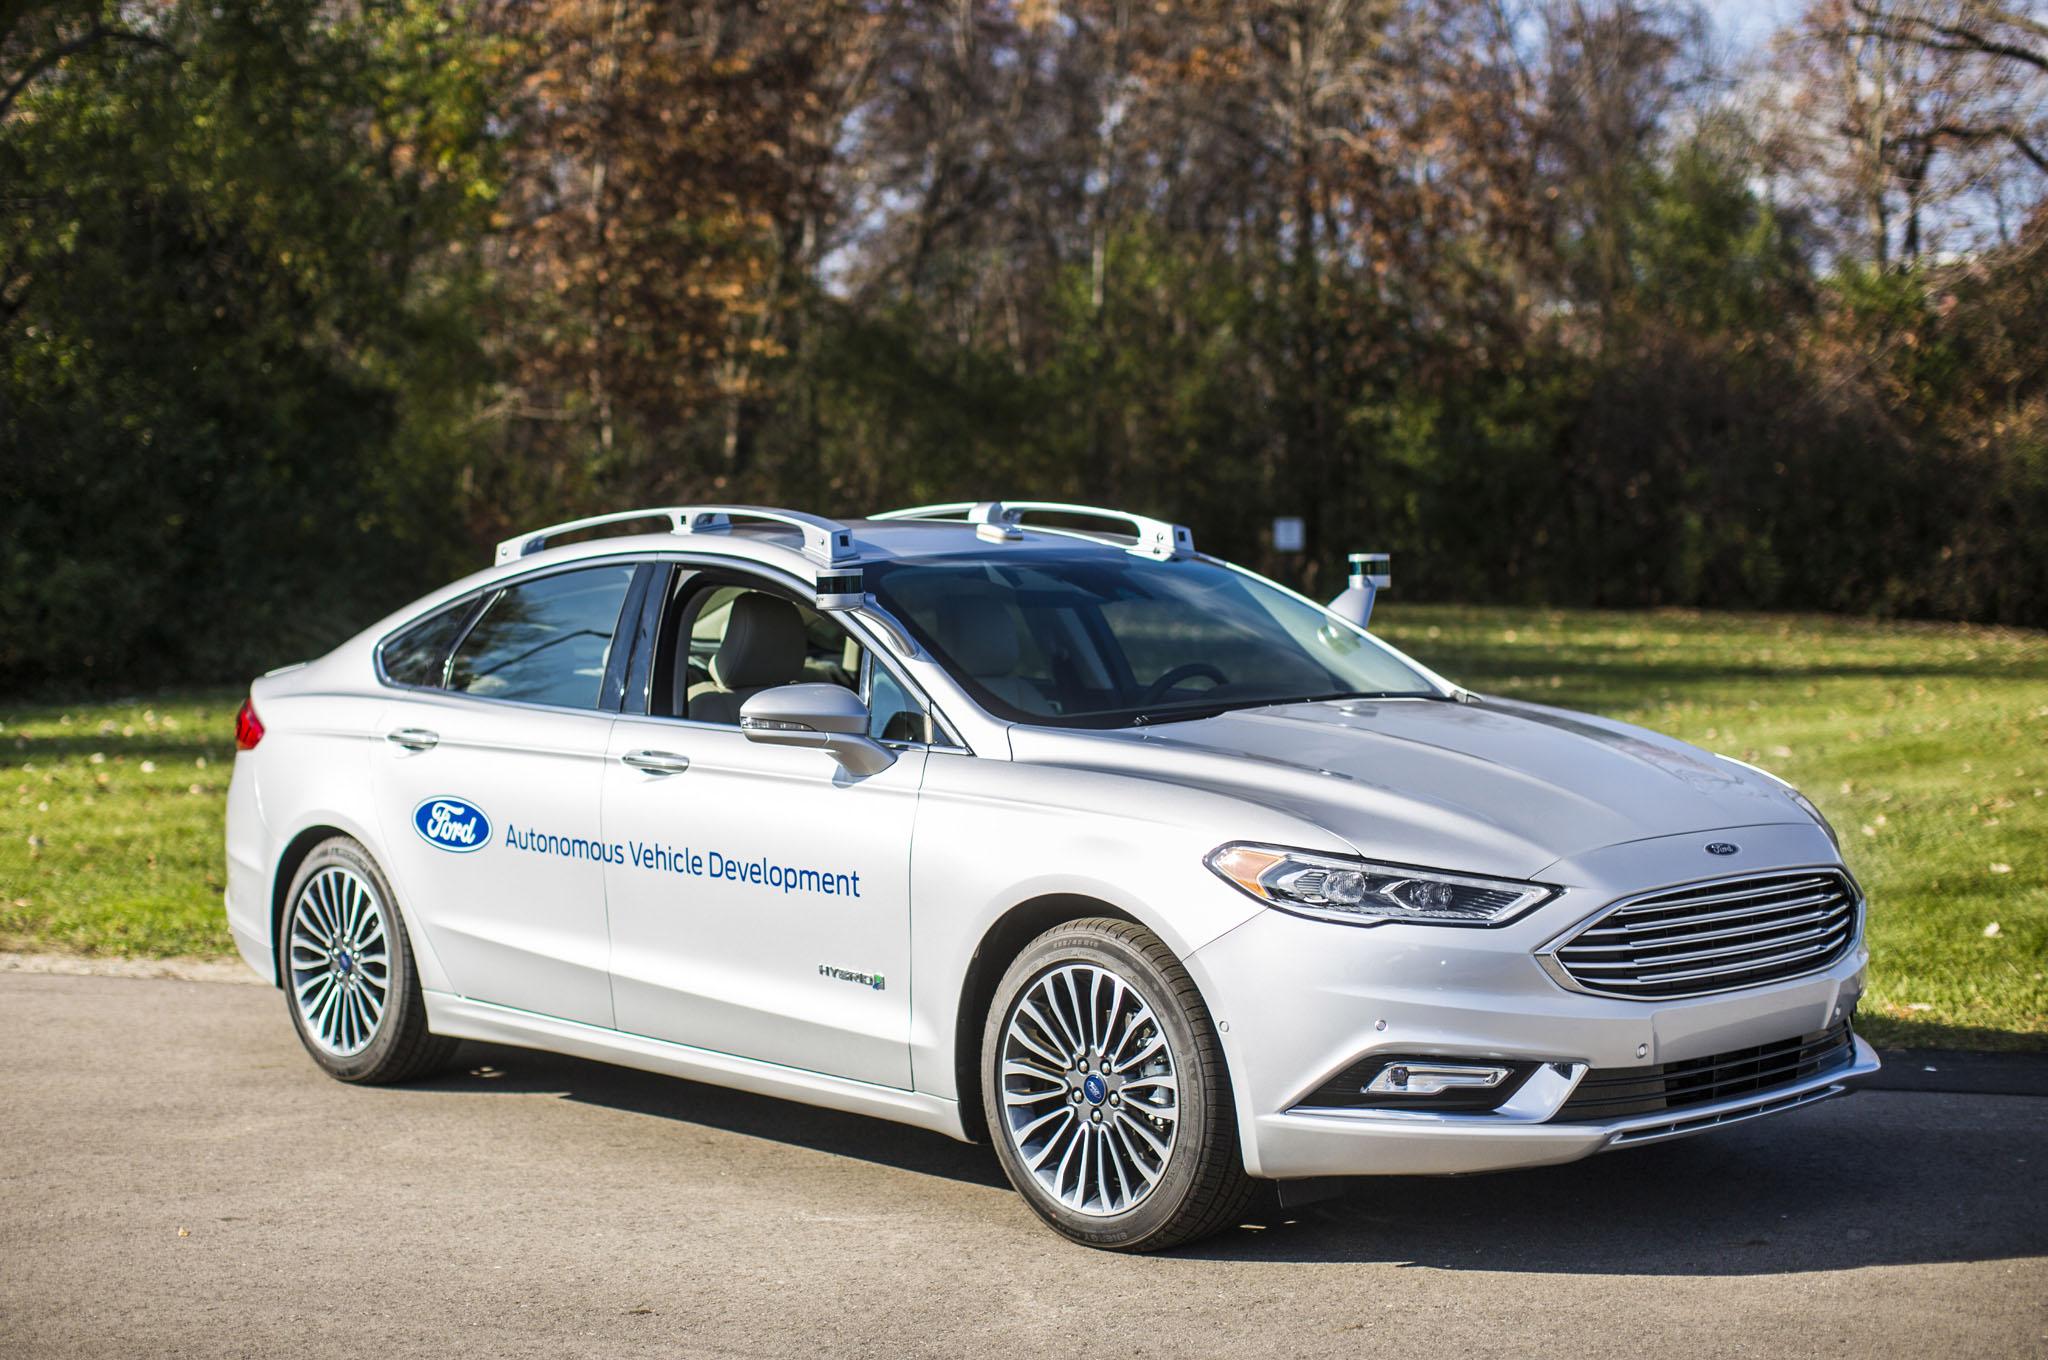 Ford Fusion Hybrid Autonomous Development Vehicle